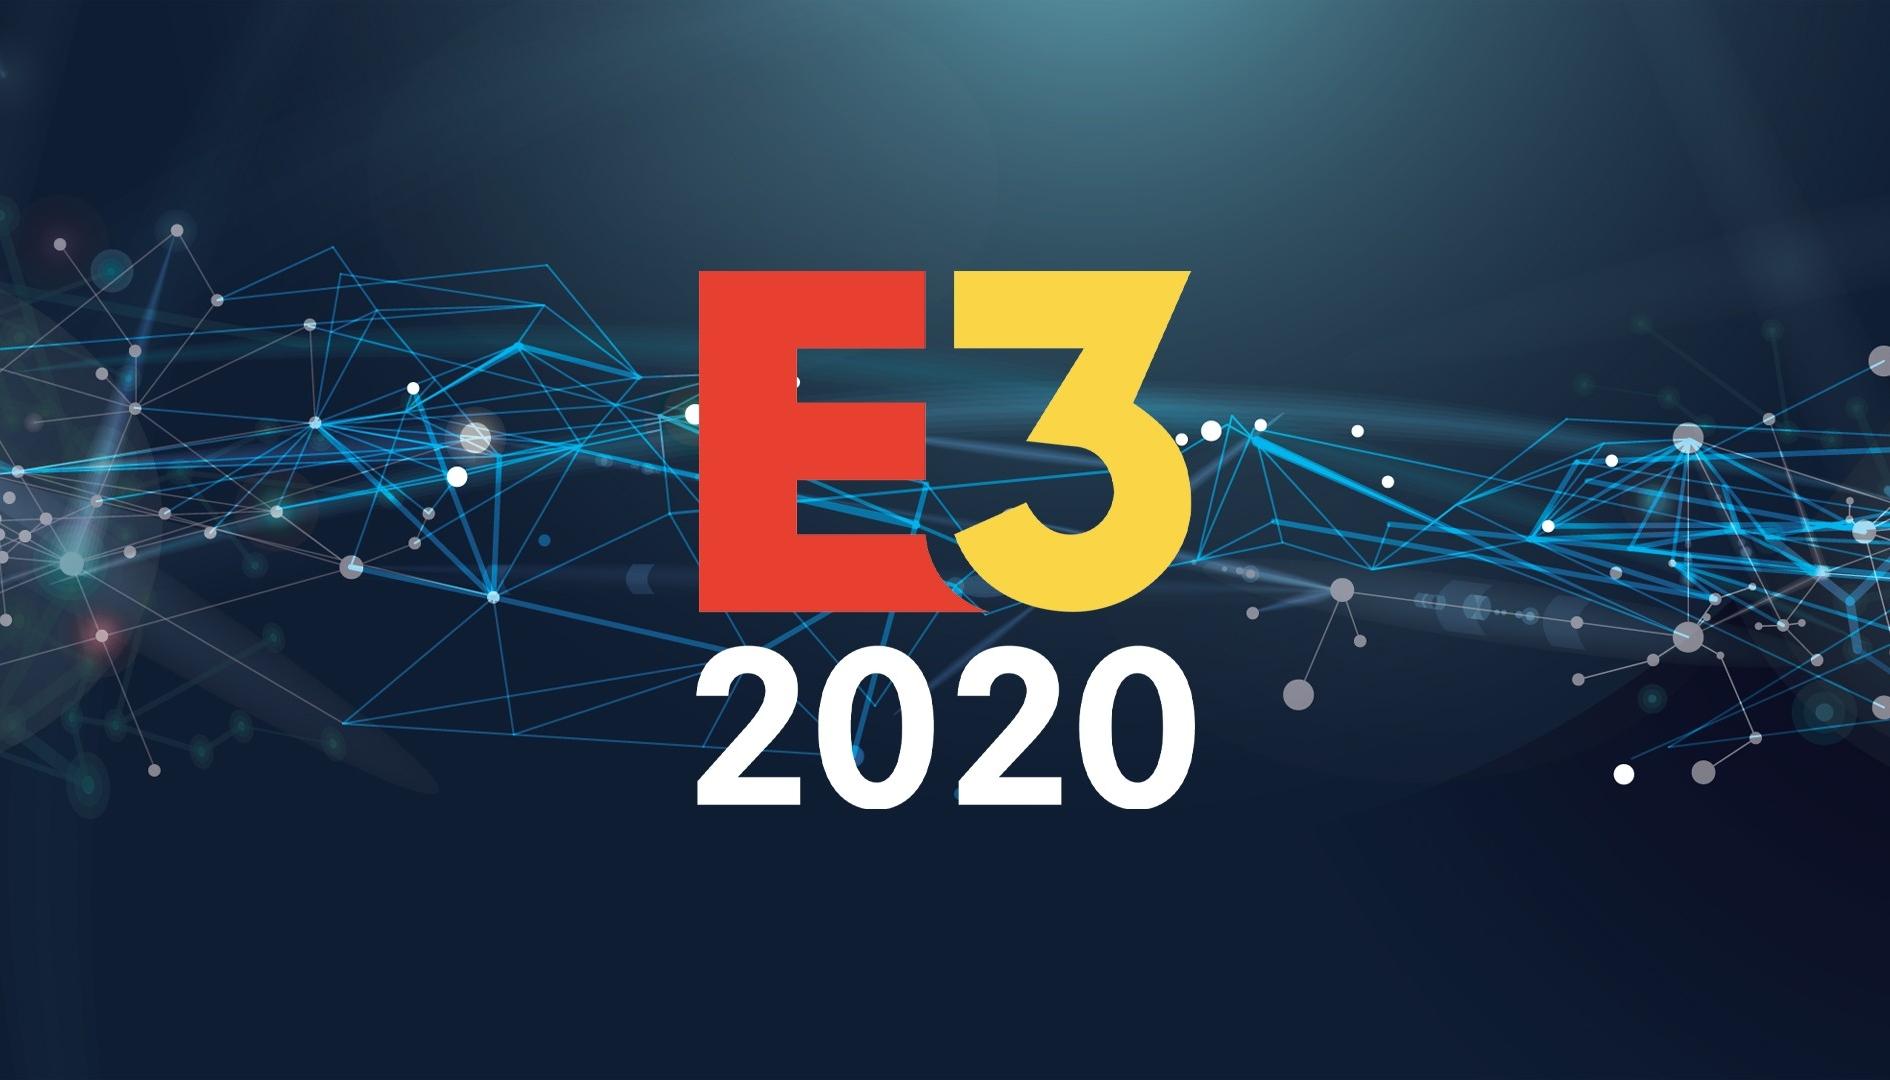 E3 2020 cancellato ufficialmente: ecco tutte le informazioni